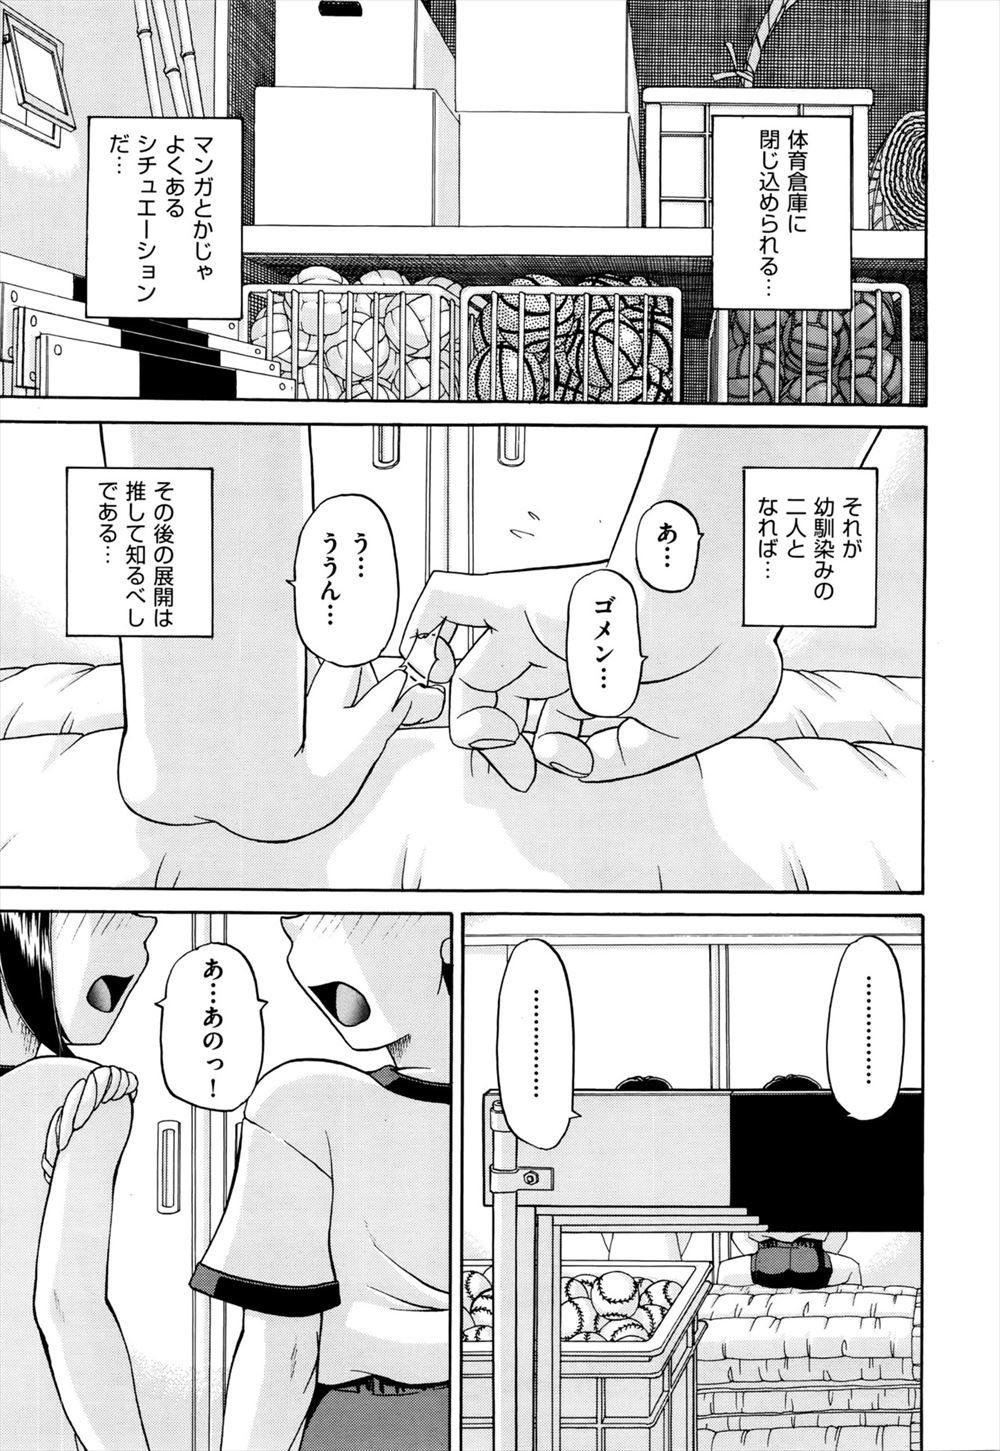 【エロ同人・エロ漫画】男だと思っていた幼馴染が女化してセックスしたら女の幼馴染も加えて3Pセックスに!